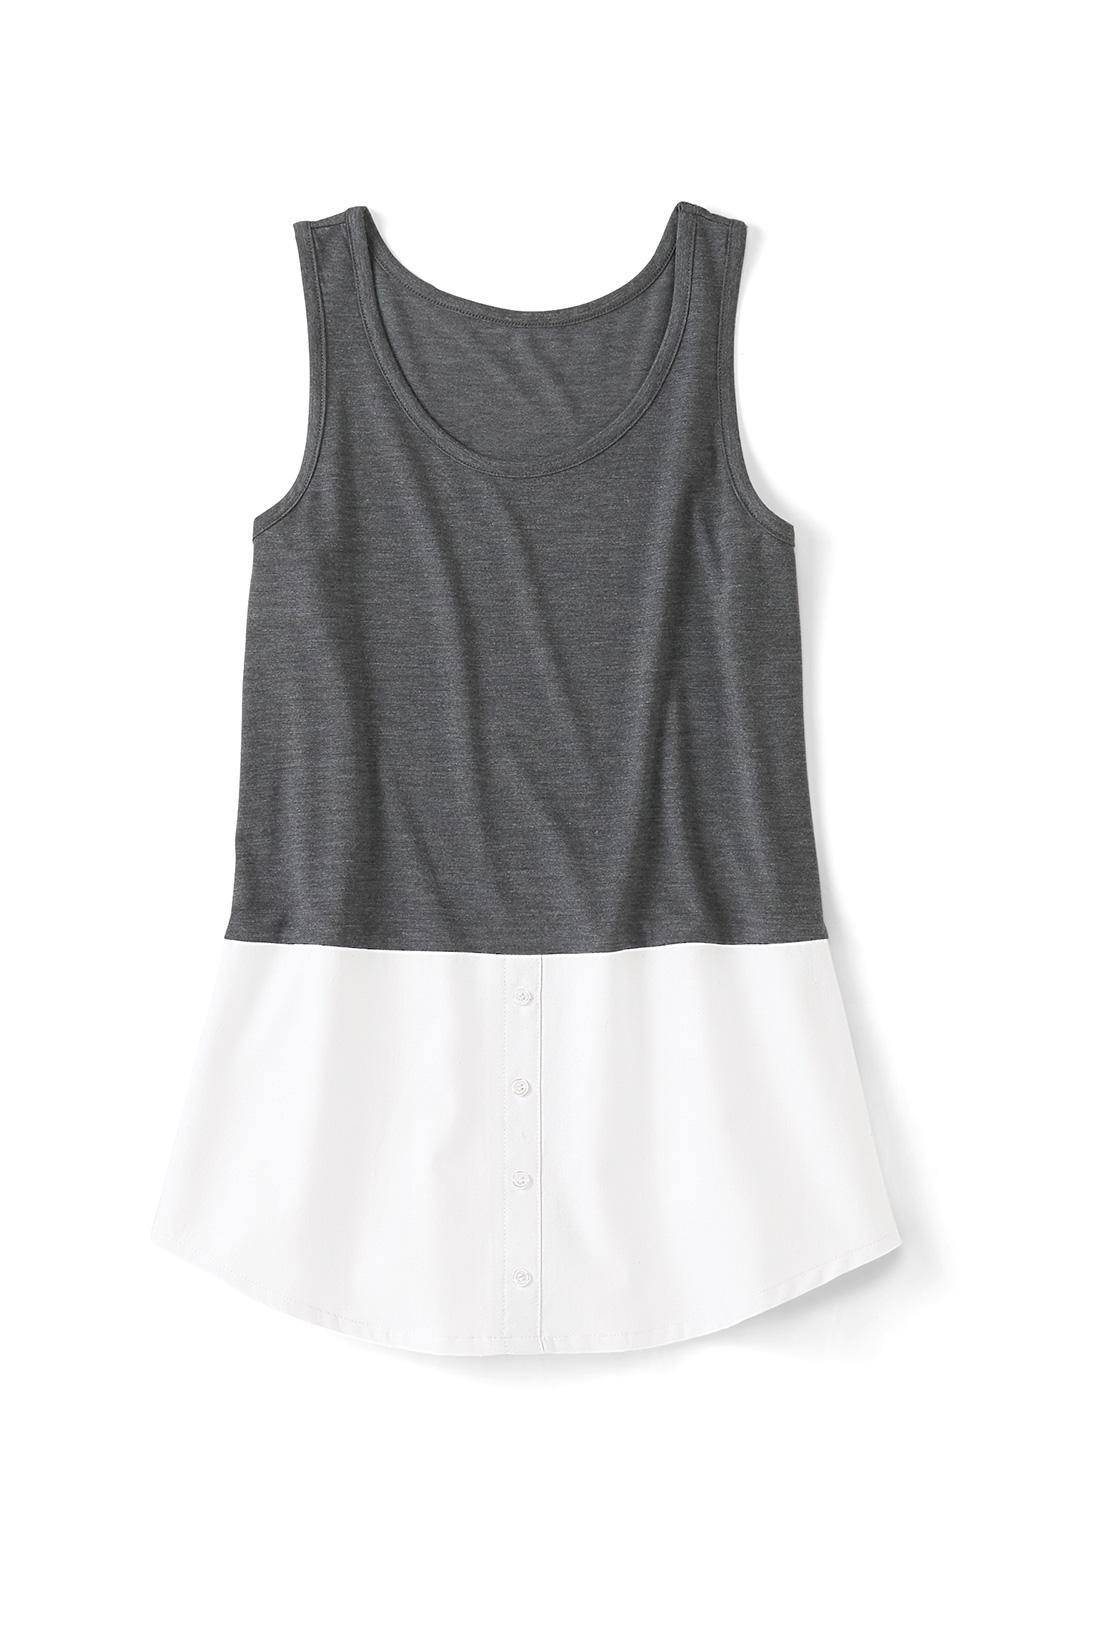 〈ホワイト〉 集めたくなるバリエーション シャツ部分はストライプにチェックなど、充実したラインナップ。前立てやボタンはフェイクの飾り仕様で、すそまで縫い付けられています。